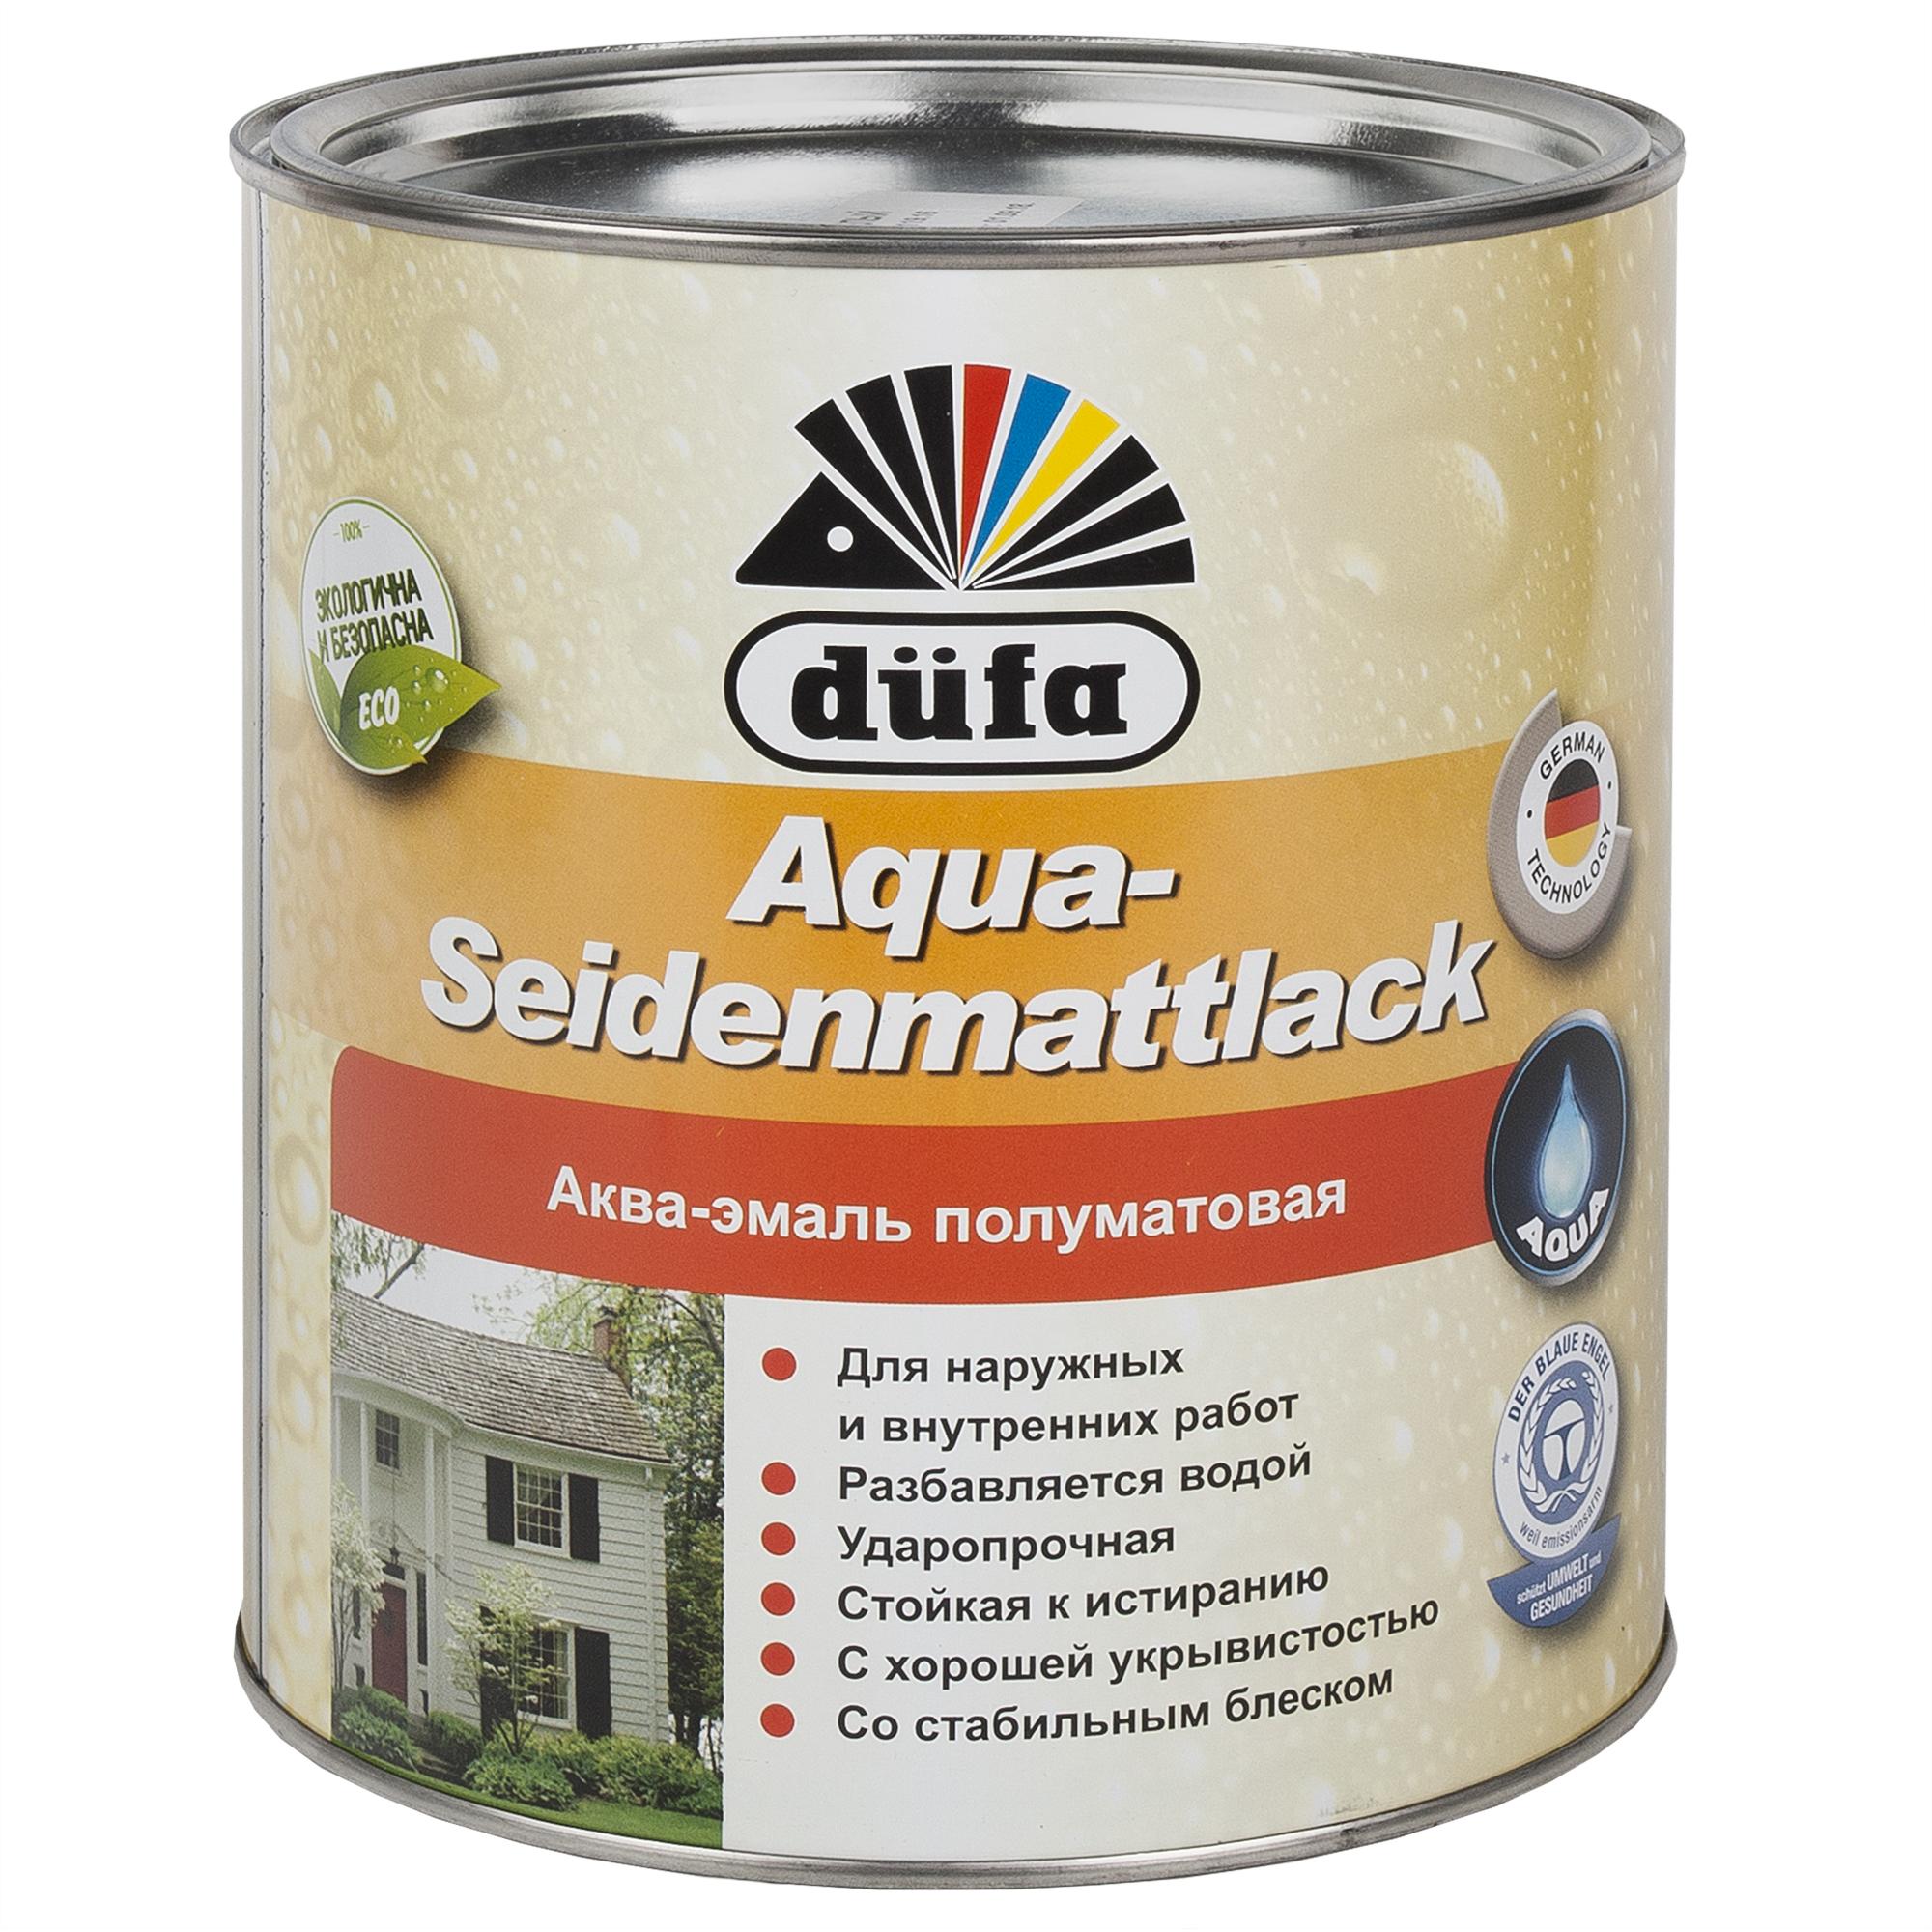 Акрилдік шайыр негізді су қосып сұйылтылатын эмаль: Dufa Aqua-Seidenmattlack эмалі, жартылай күңгірт, түсі ақ, 2,5 л